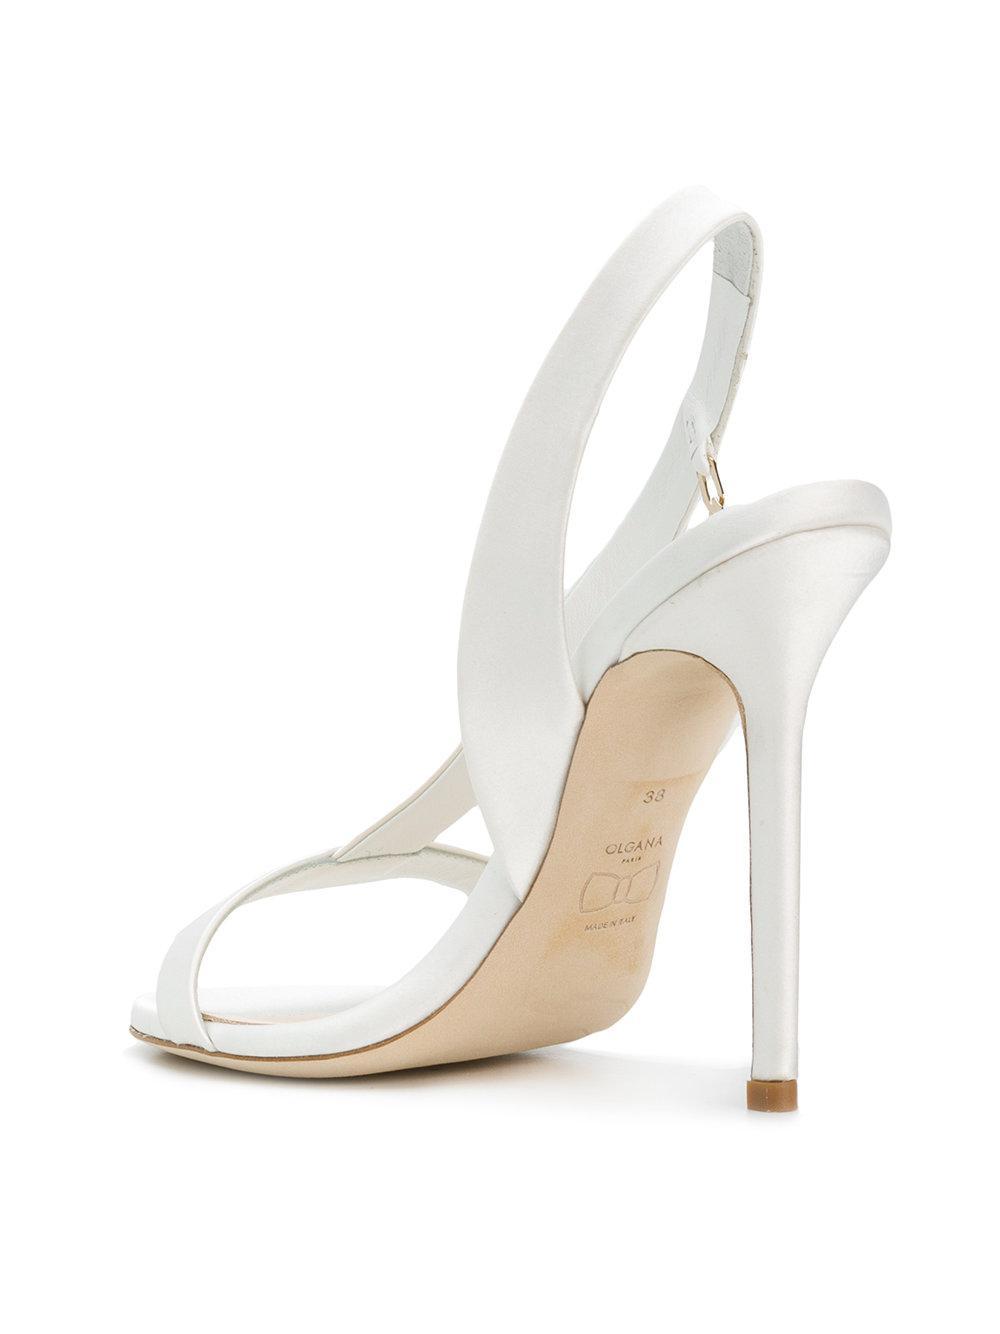 Amazone open toe sandals - White Olgana Paris wTaXD